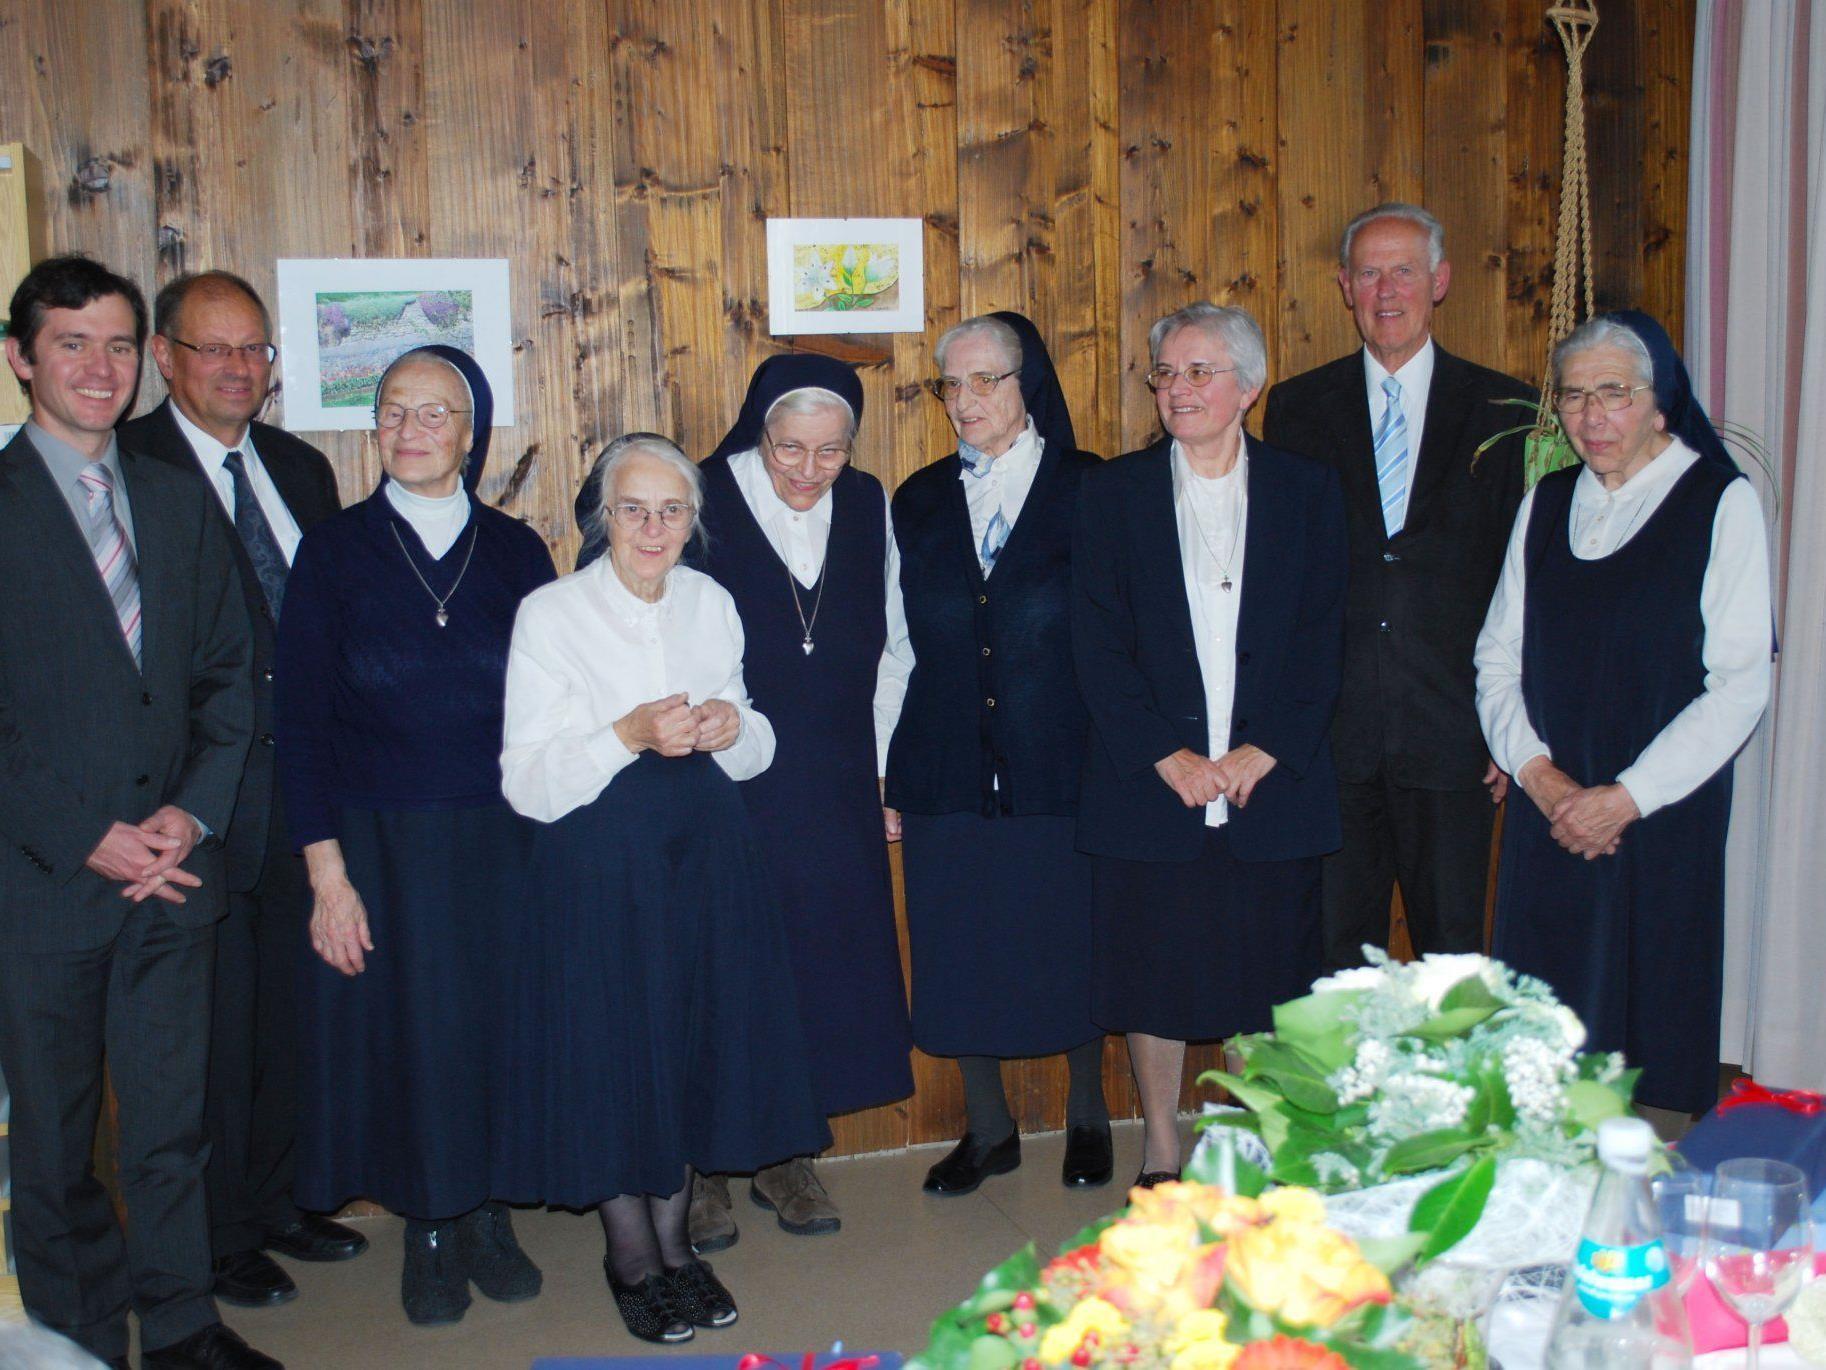 Anlässlich der Abschiedsfeier dankte Bürgermeister Ing. Martin Summer den Ordensschwestern für ihre Dienste in rund 100 Jahren.